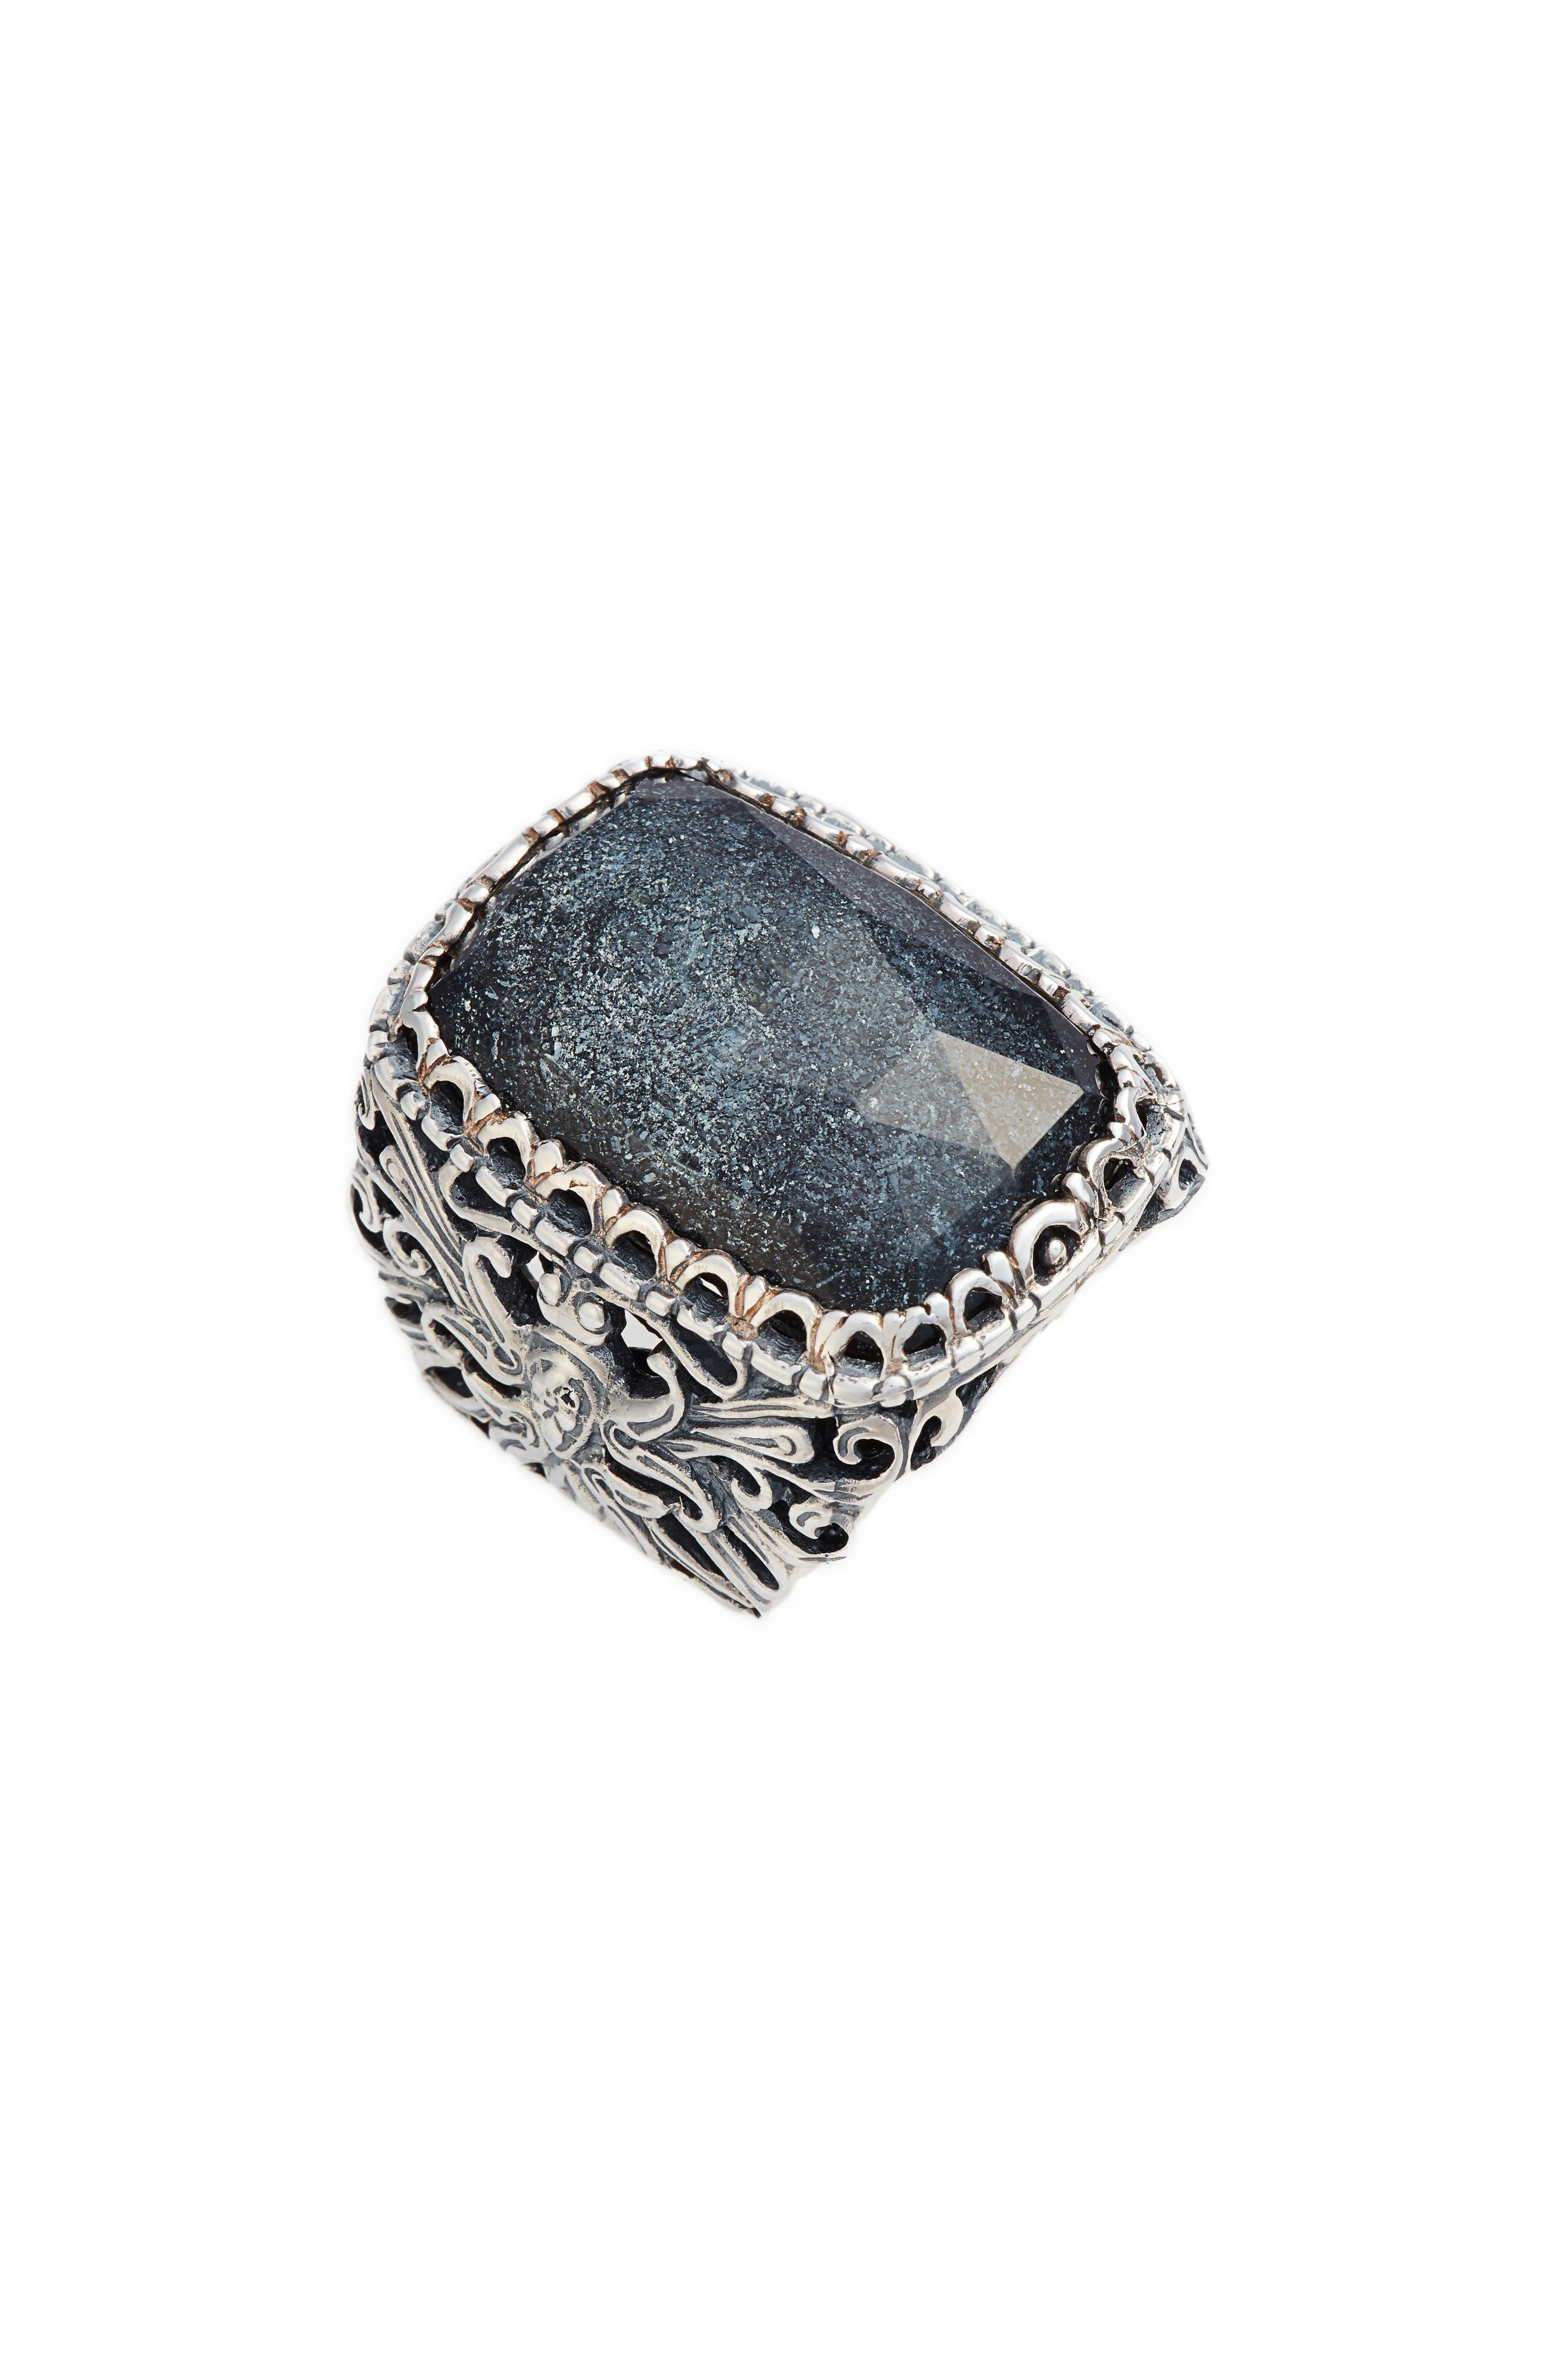 Main Image - Konstantino Santorini Hematite Ring